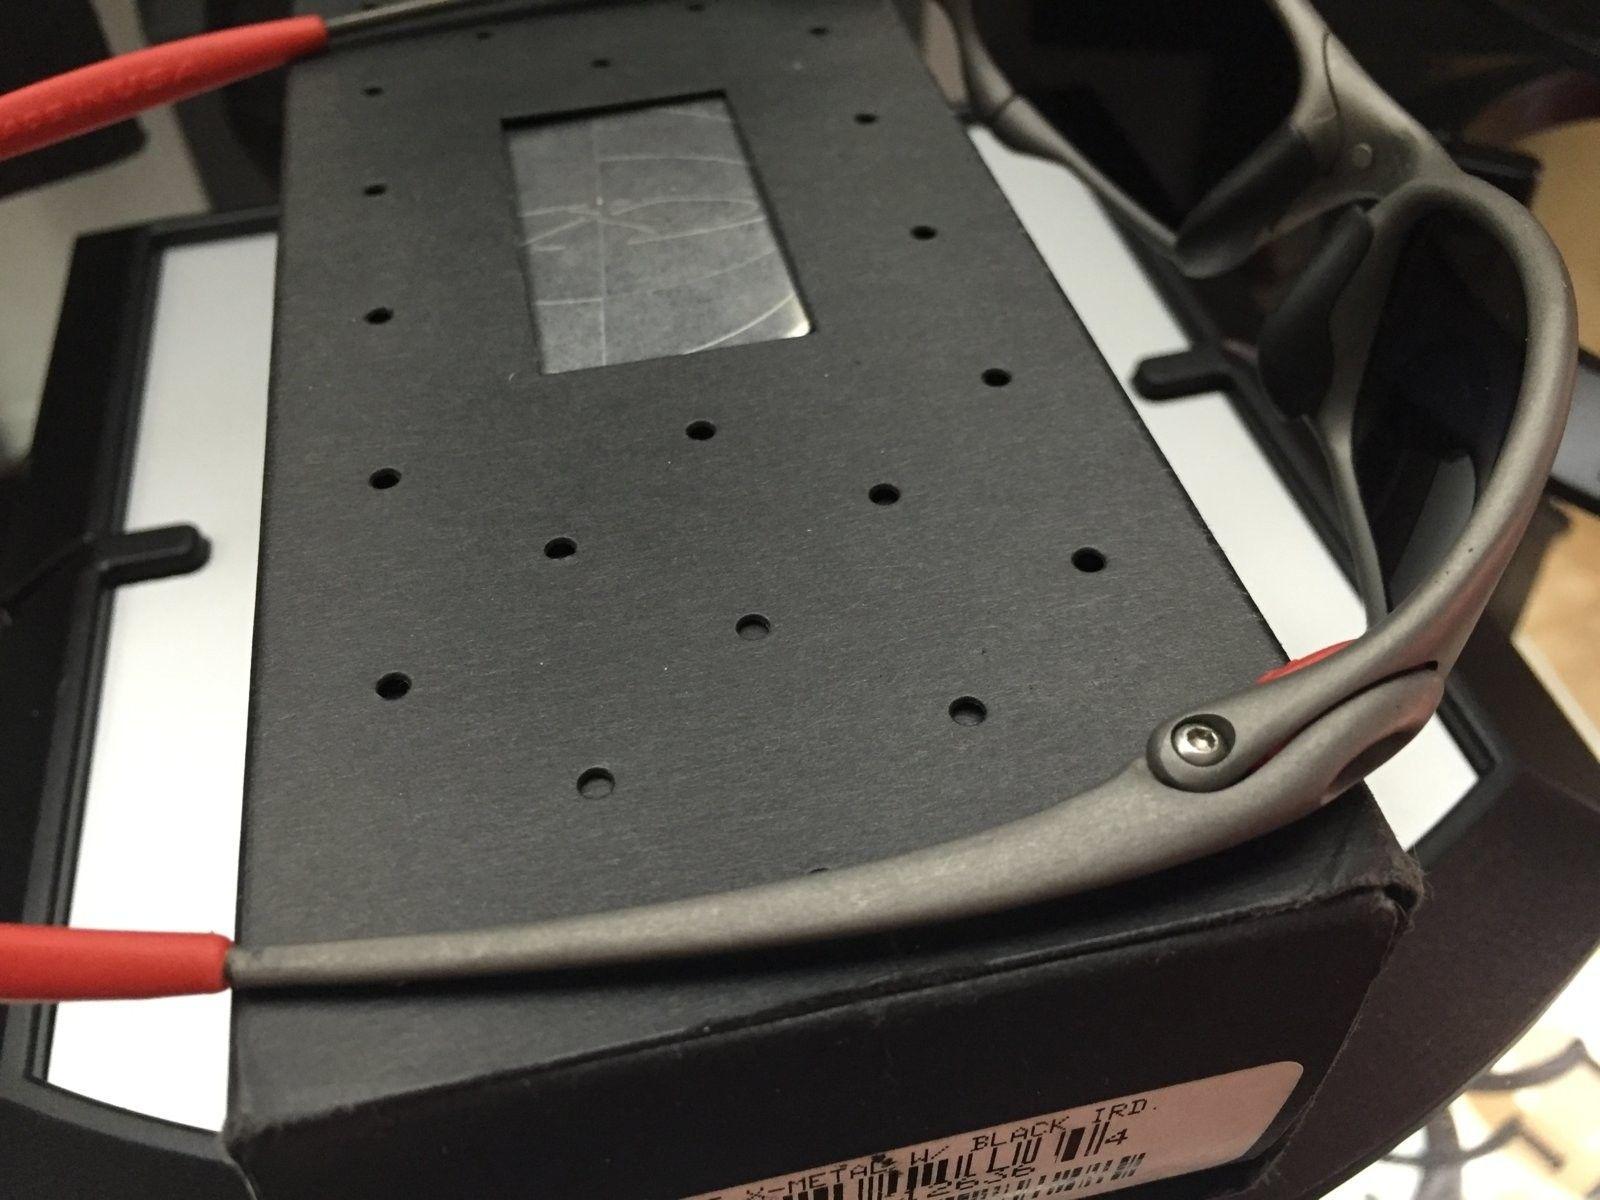 WTS MINT Juliet Ducati Xmetal w/ Black iridium Serialized Complete SKU: 12-636 #SOLD - image.jpeg